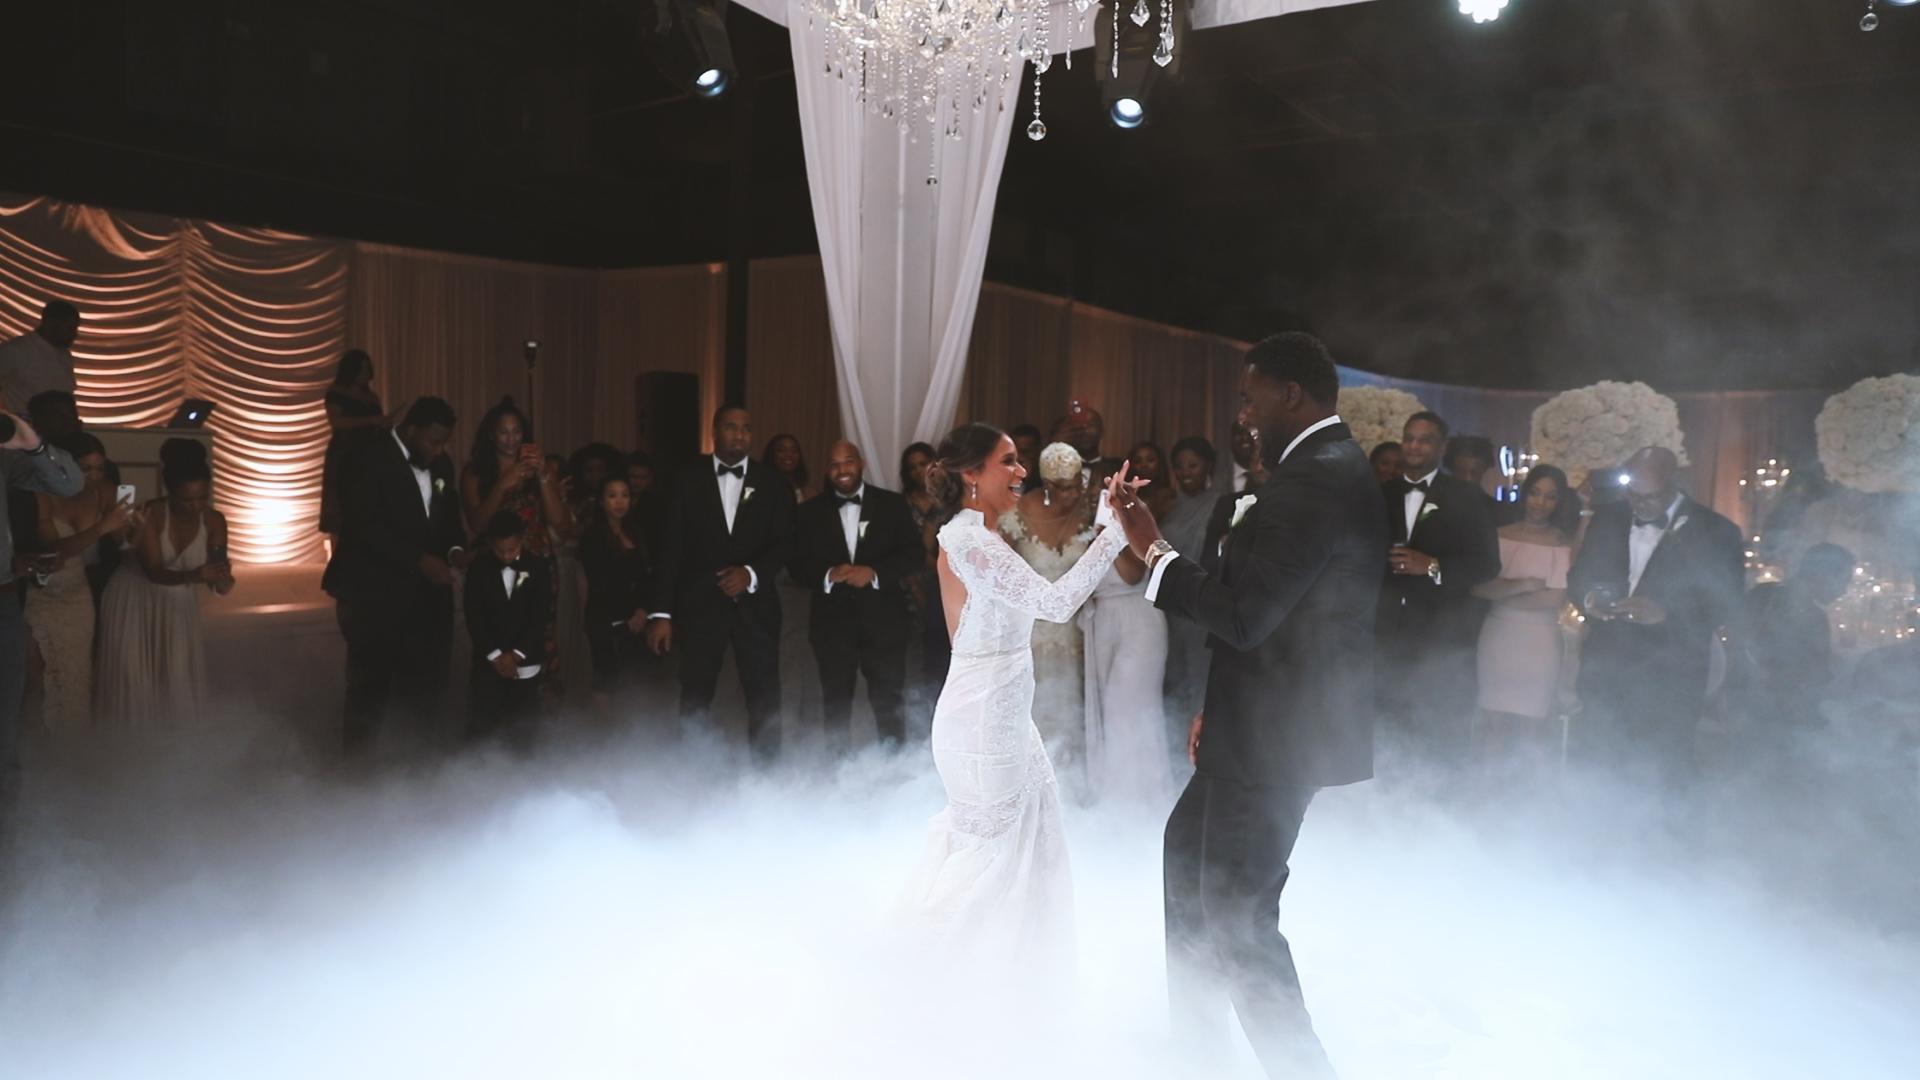 The Sugar Mill Wedding - New Orleans - Bride Film